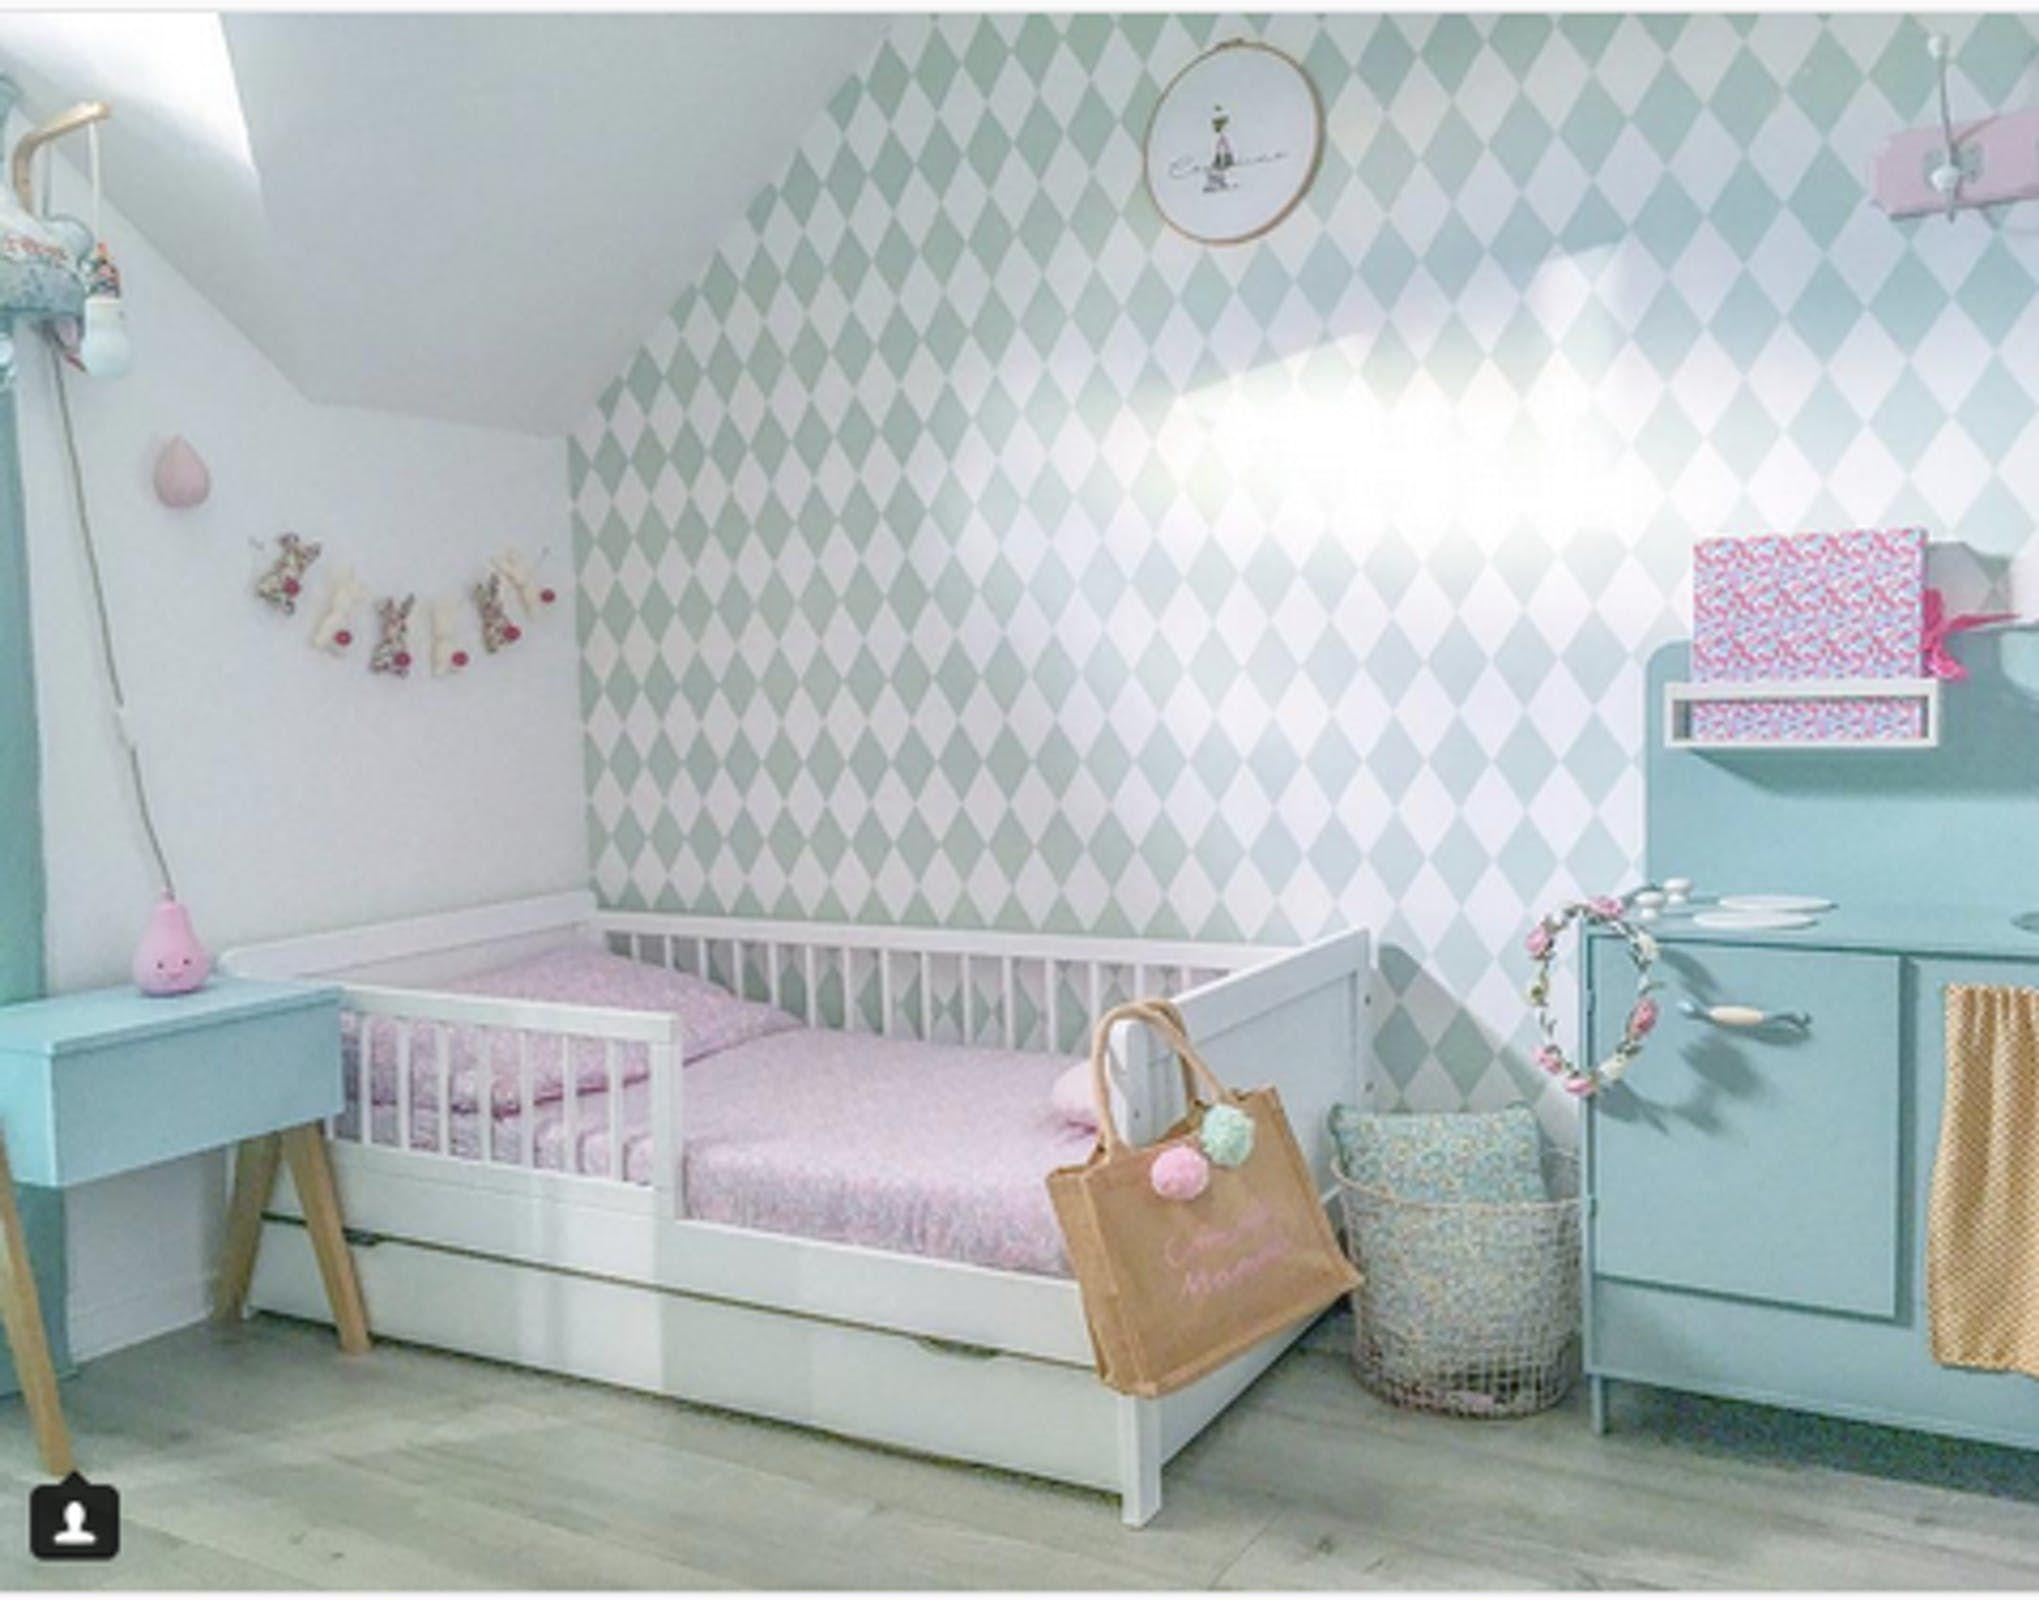 12 Idees Pour Decorer La Chambre De Bebe Cet Hiver Decoration